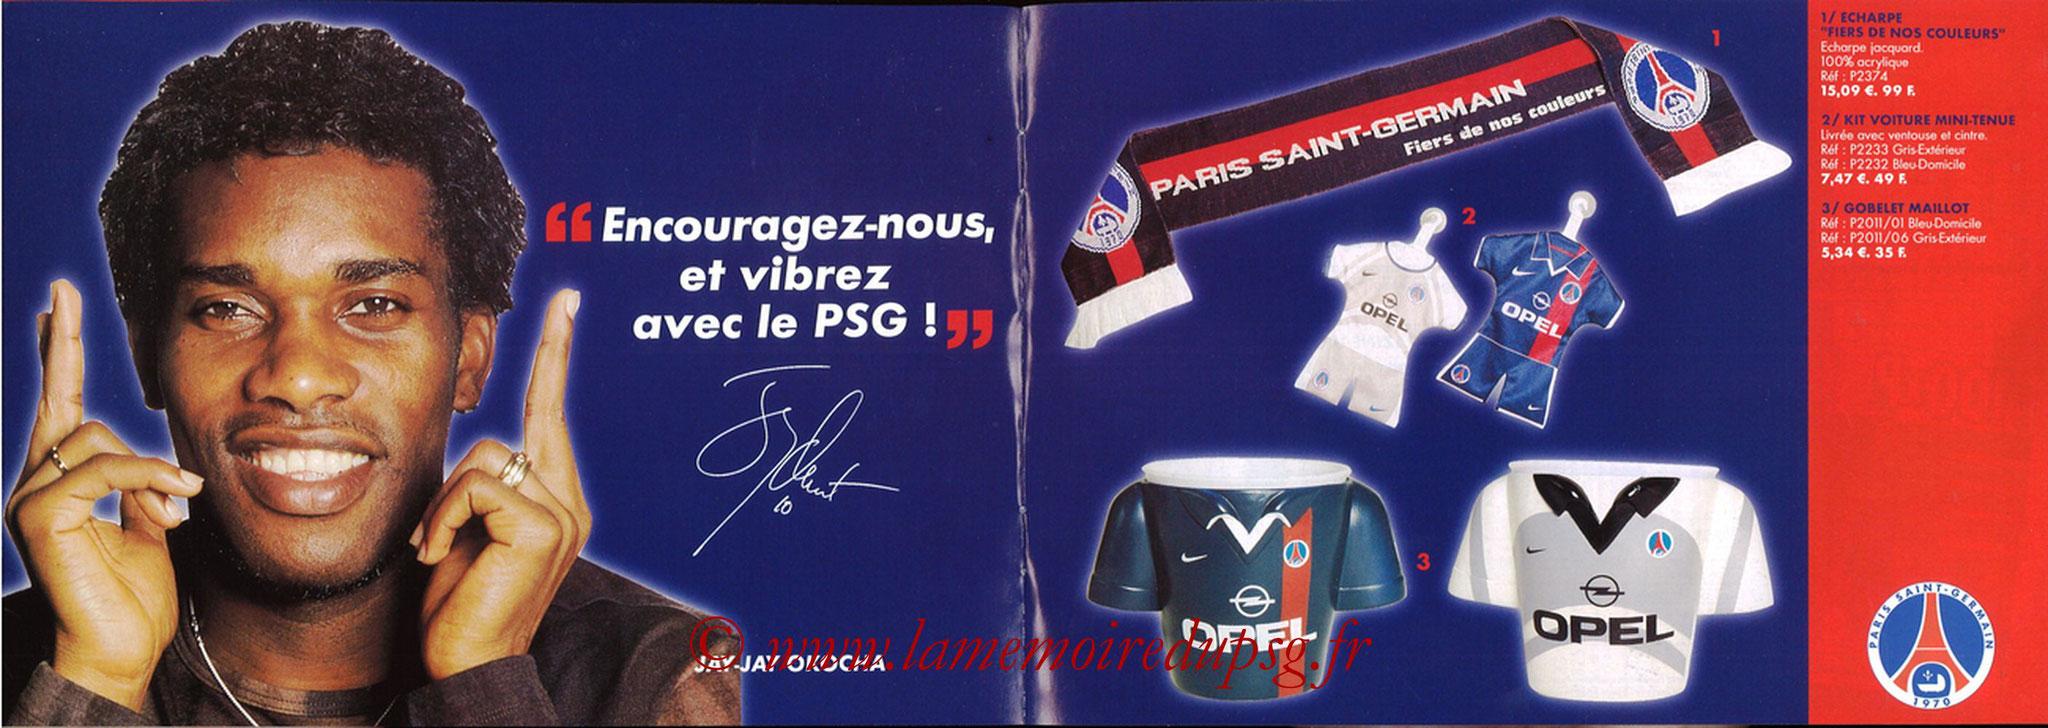 Catalogue PSG - 2001-02 - Noêl - Pages 10 et 11